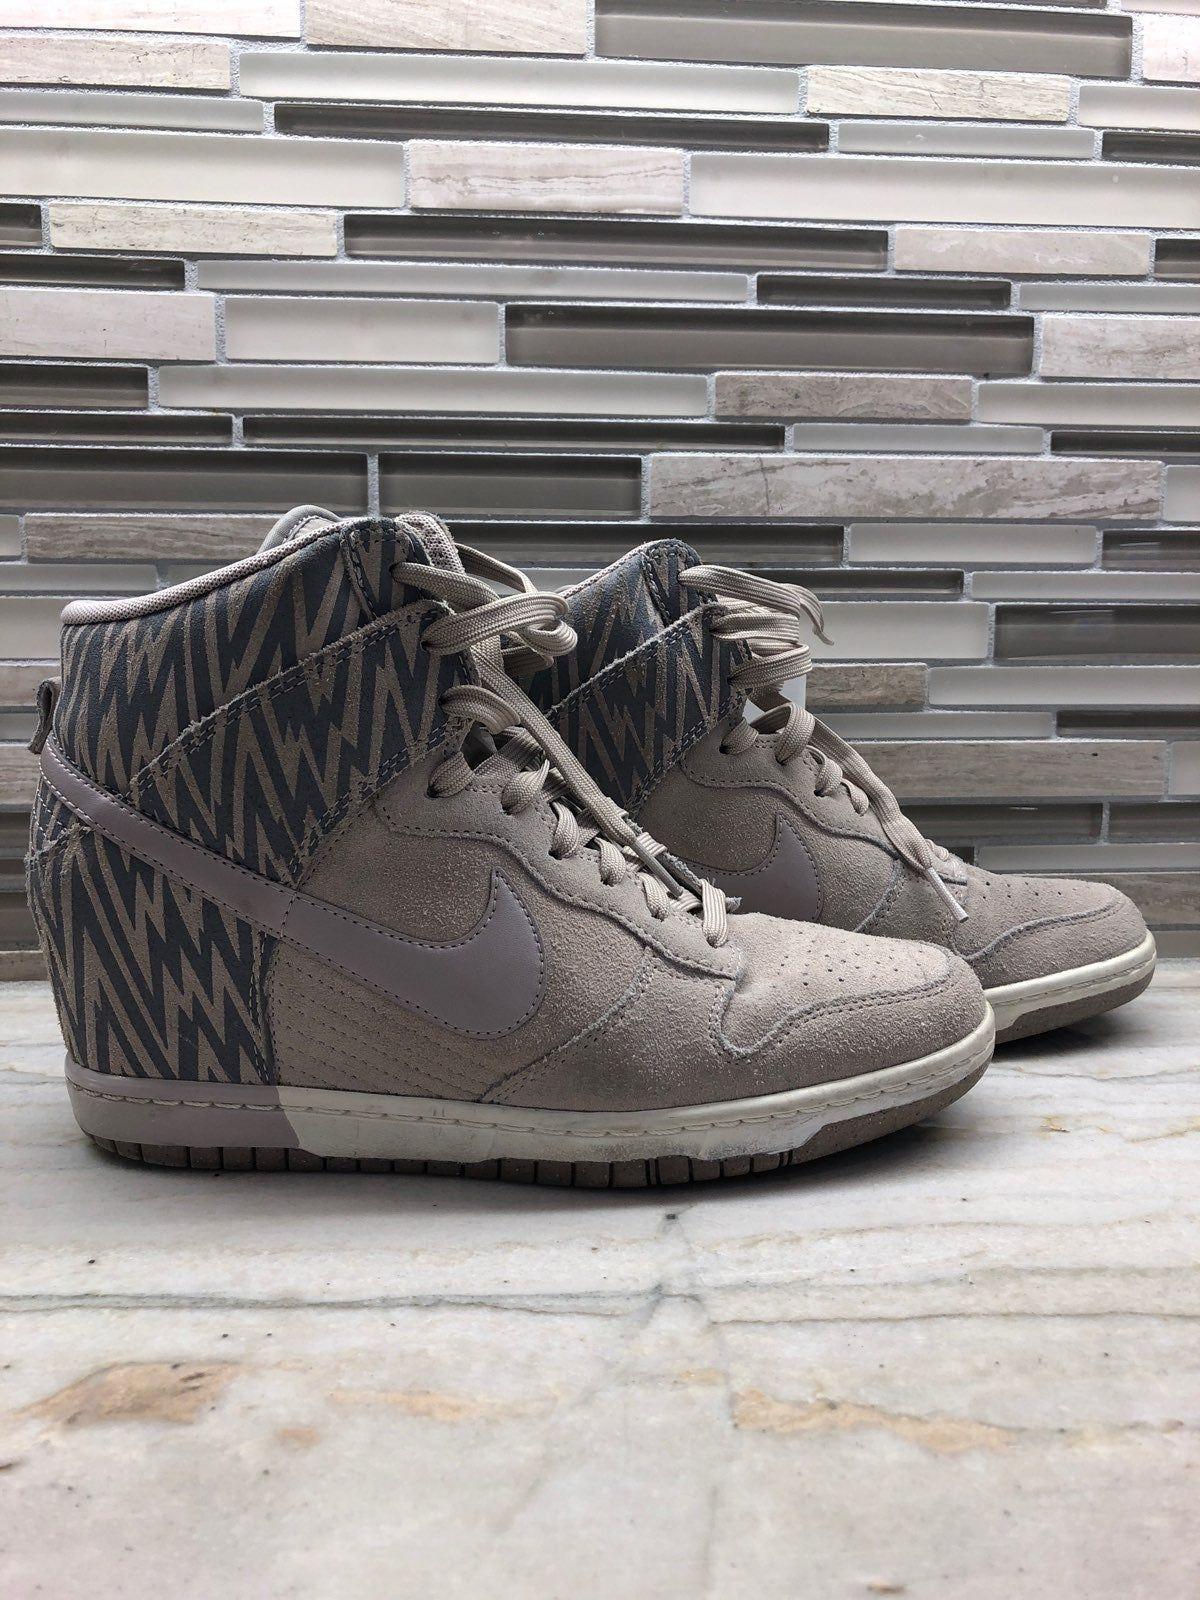 Nike wedge sneaker in size 9